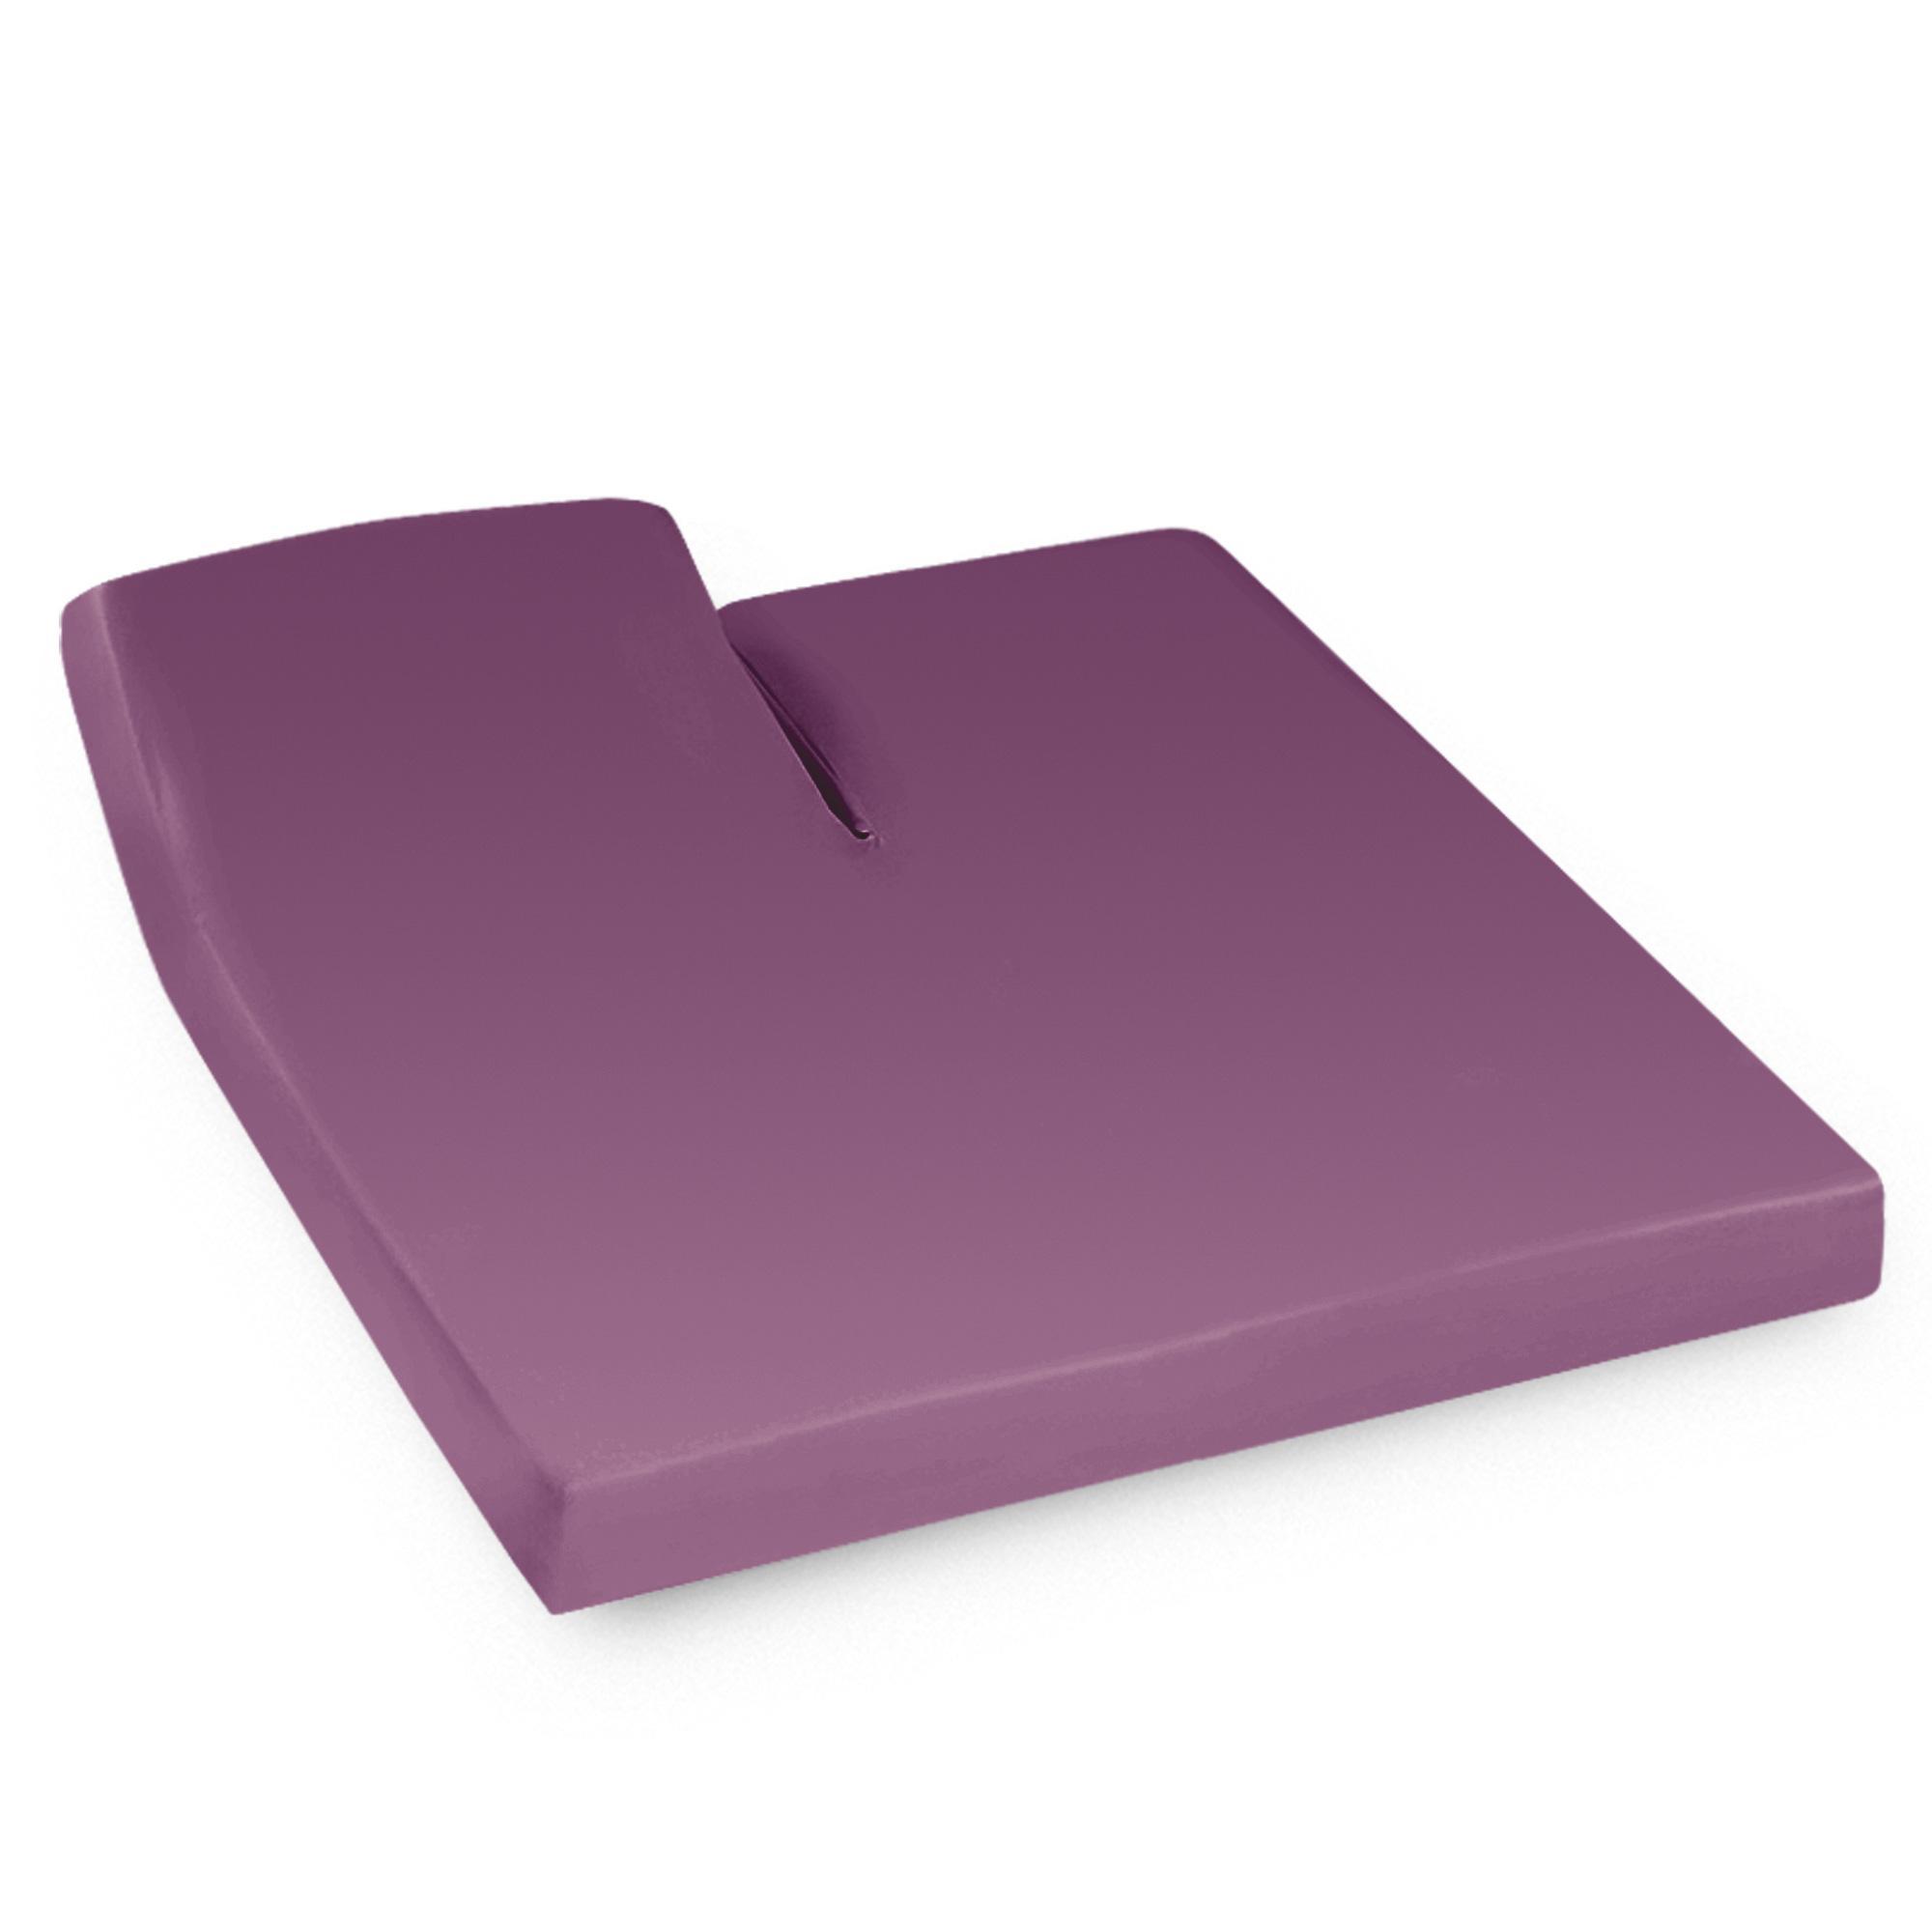 Drap housse relaxation 2x70x190cm uni pur coton alto for Drap housse 70x190